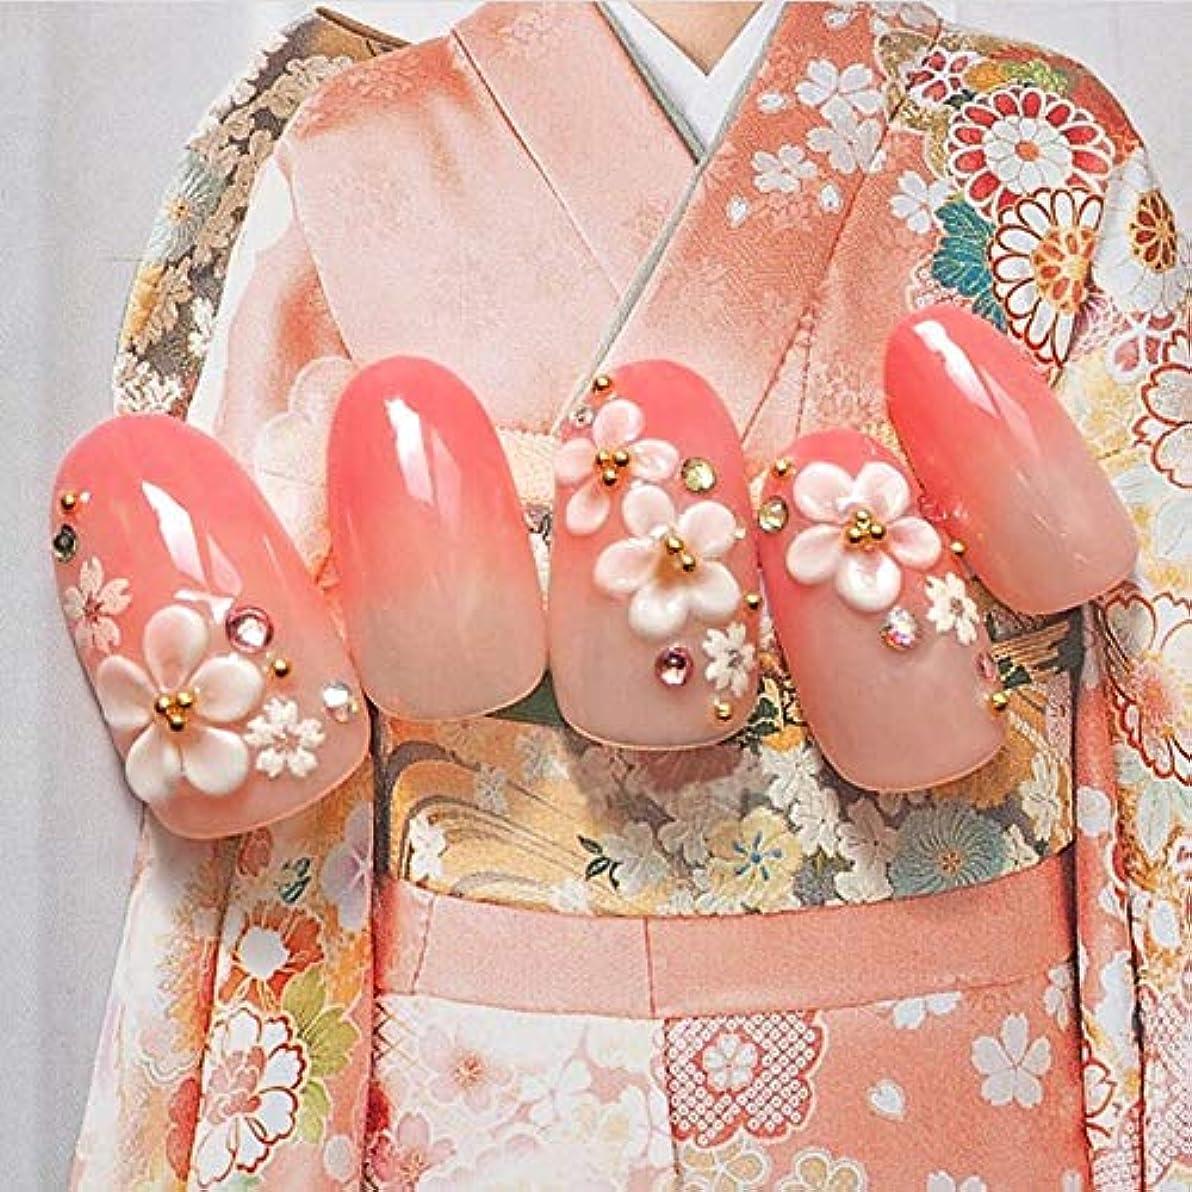 祖先債務敬XUTXZKA ファッションのために飾られた24pcsファッションロングフェイクネイルのヒントオーバルピンクグラデーションチェリーフラワー